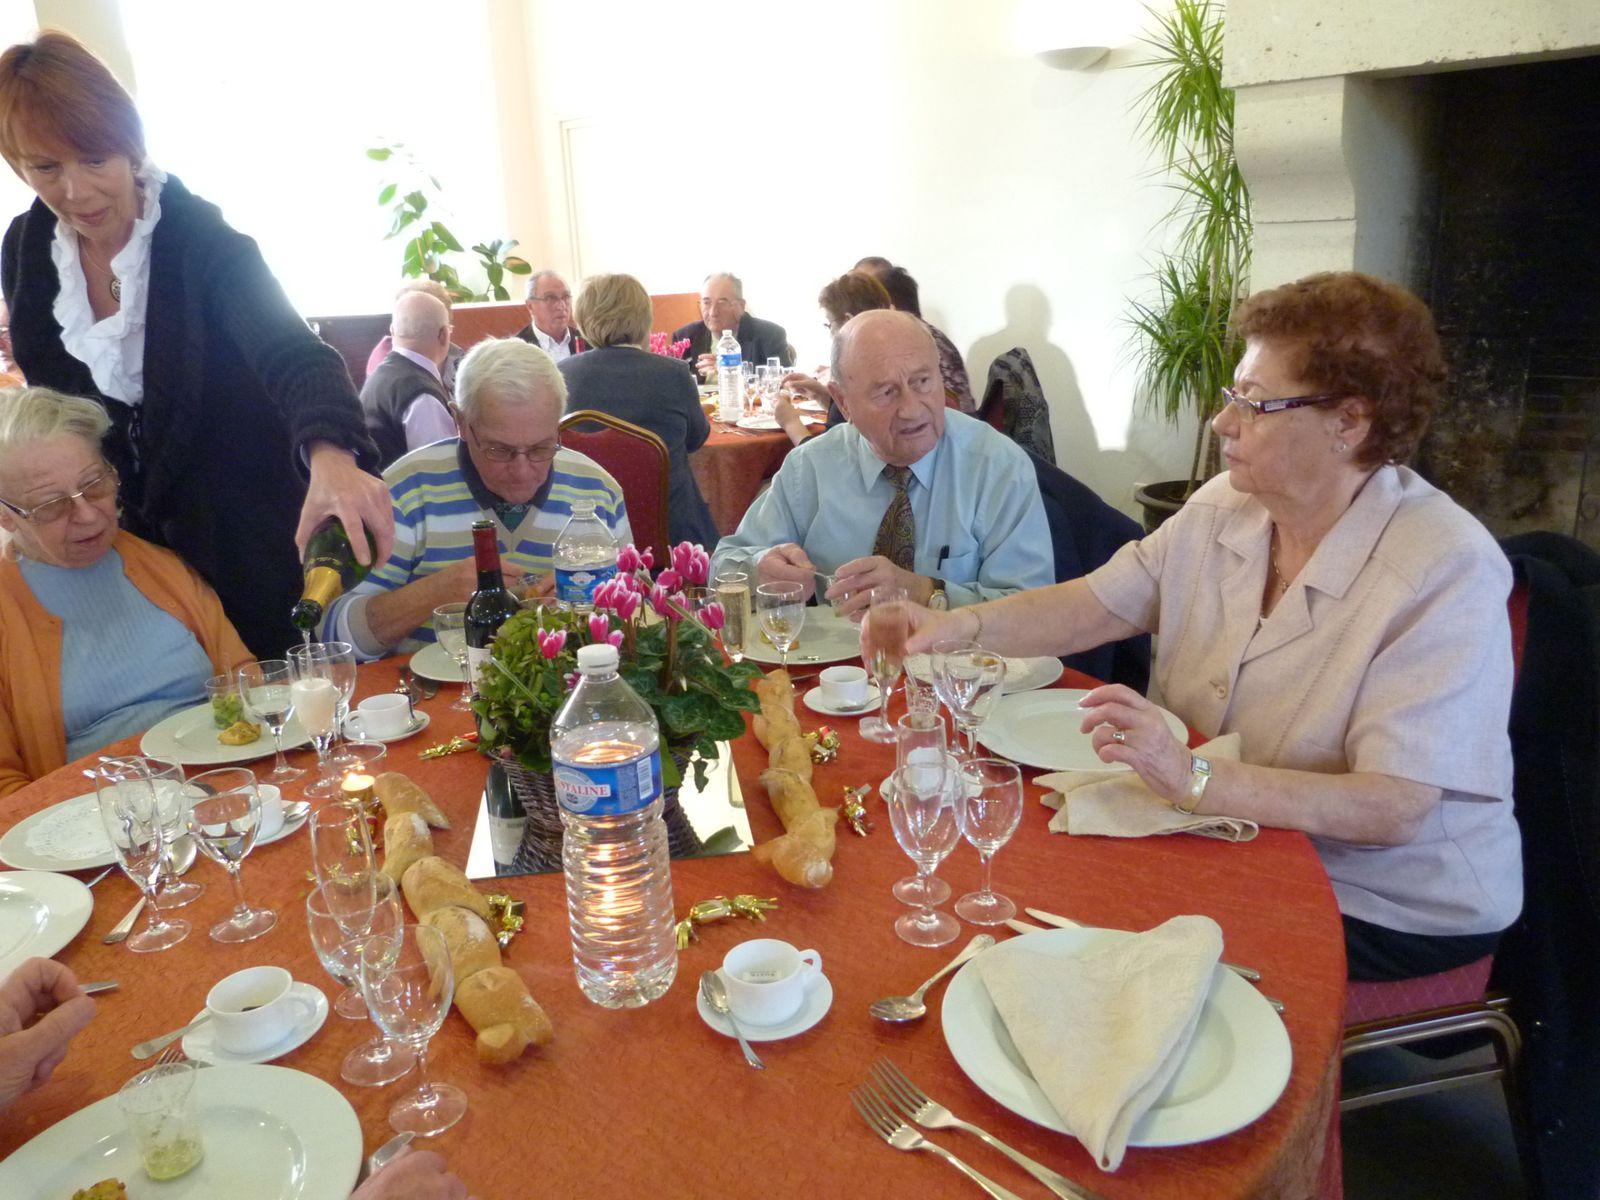 Album - Chantereine, l'Amicale des retraités de Chantereine, repas de fin d'année, 25 novembre 2012 (1ére partie)